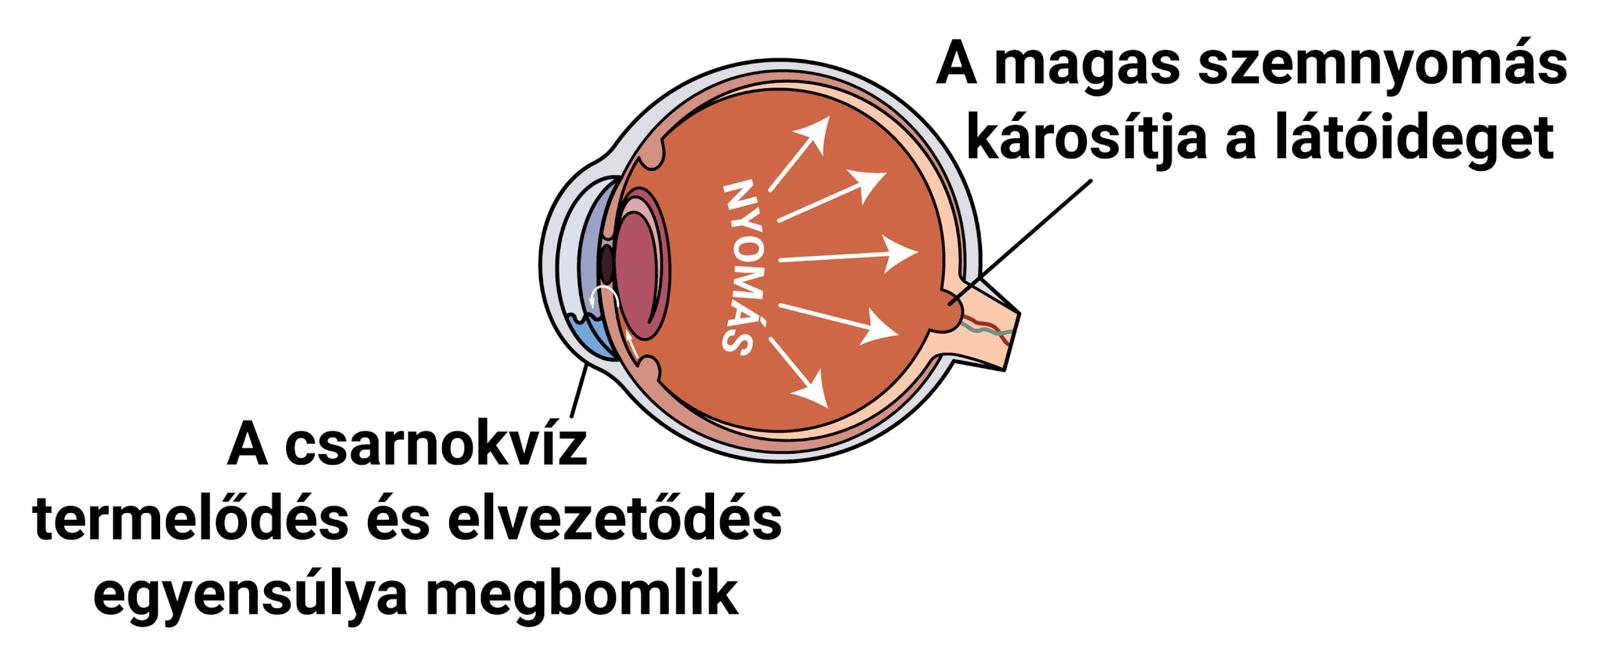 milyen betegség károsítja a látást